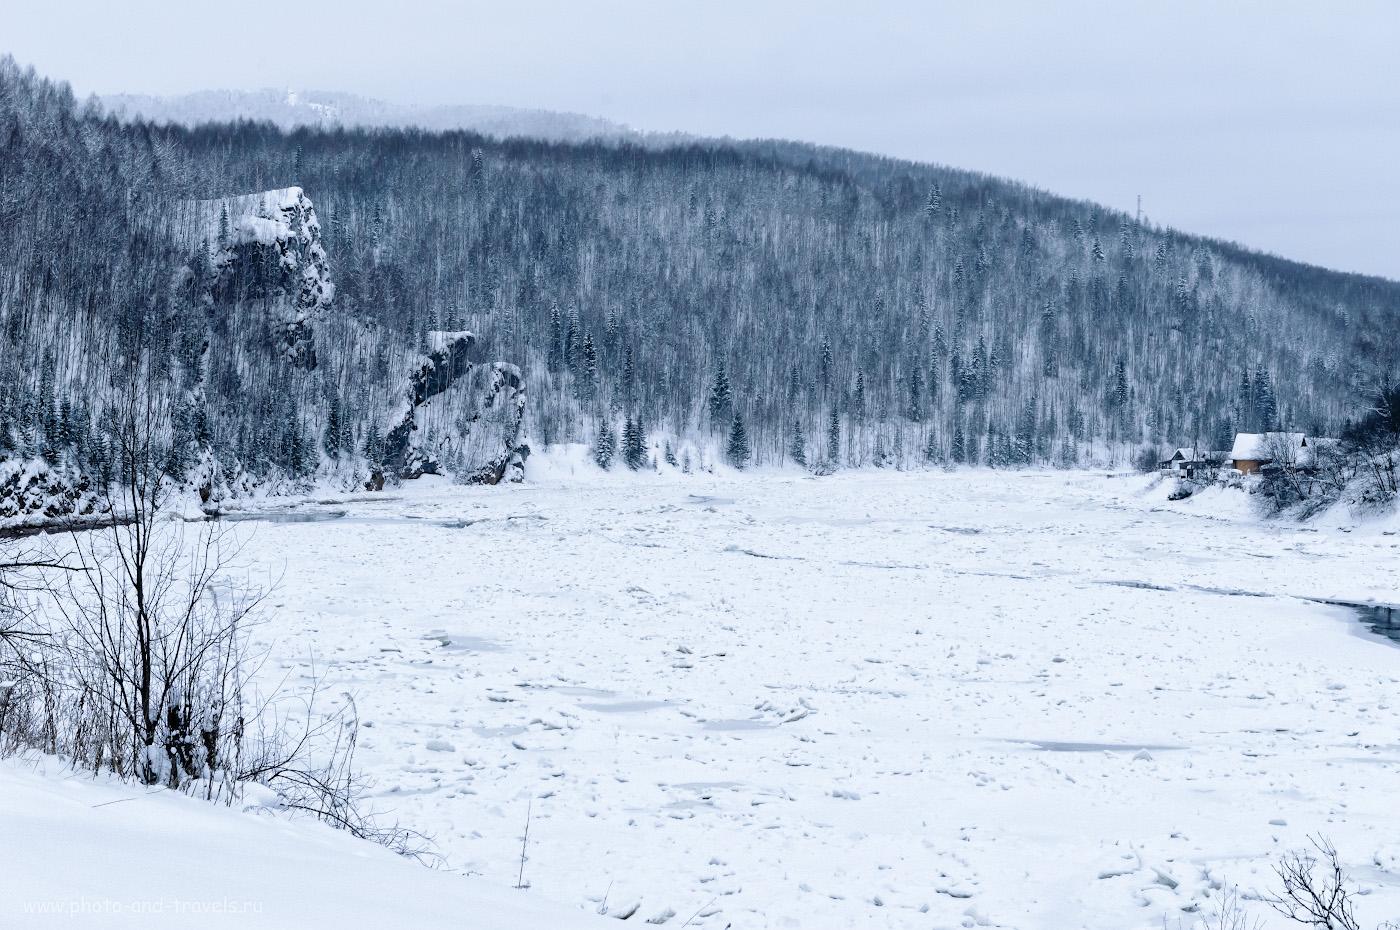 Фото 12. Скала над Койвой. Как мы пытались подняться на гору Ладейная в Губахе, что на севере Пермского края. 1/125, 9.0, 2800, +1.67, 55.